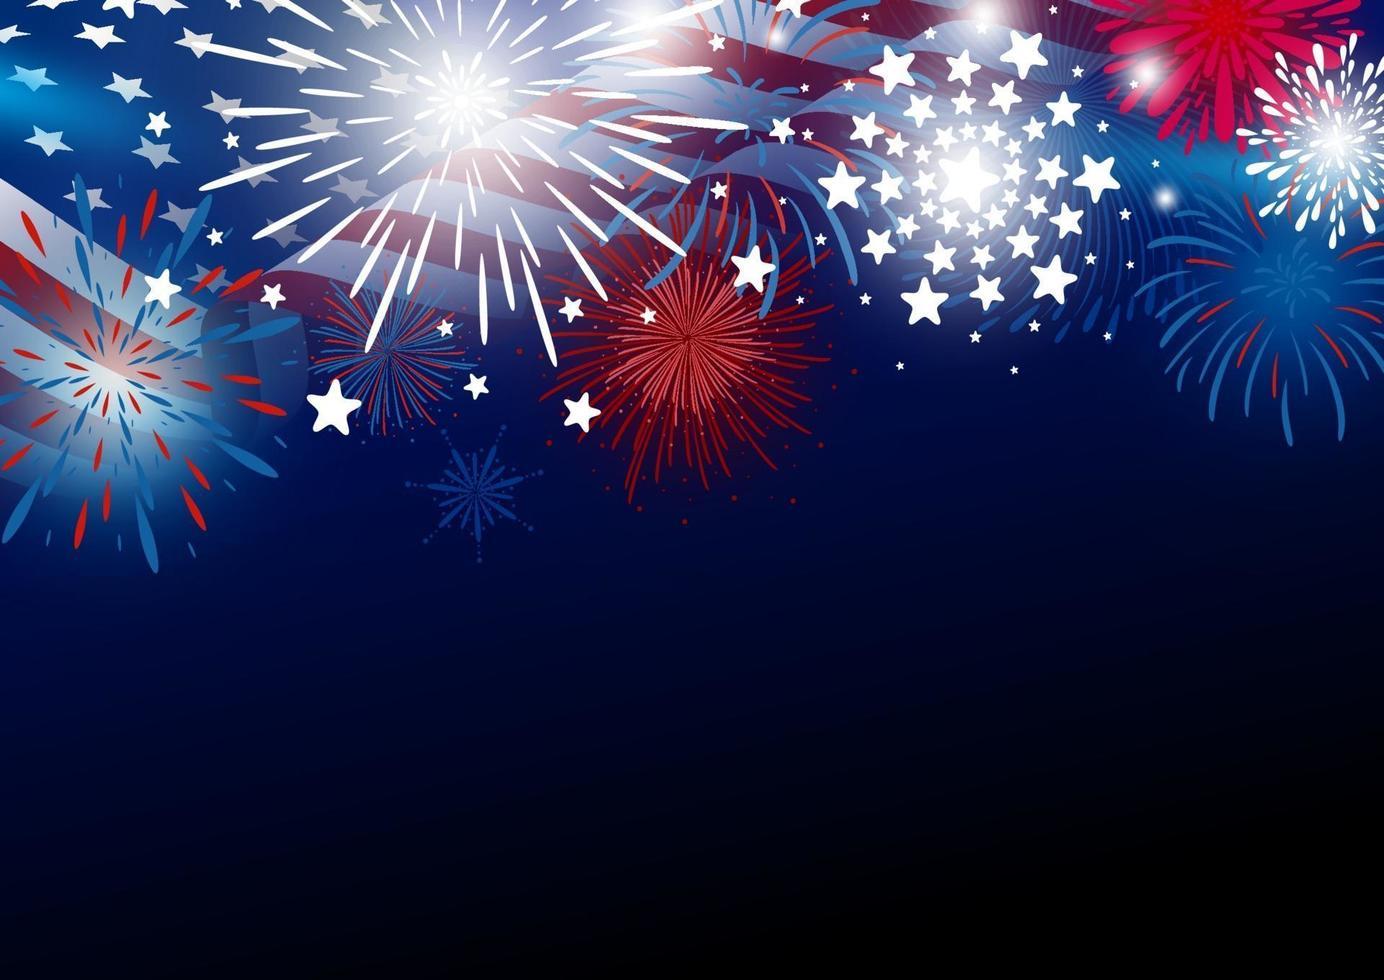 Usa 4 juillet conception de la fête de l'indépendance du drapeau américain avec illustration vectorielle de feux d'artifice vecteur